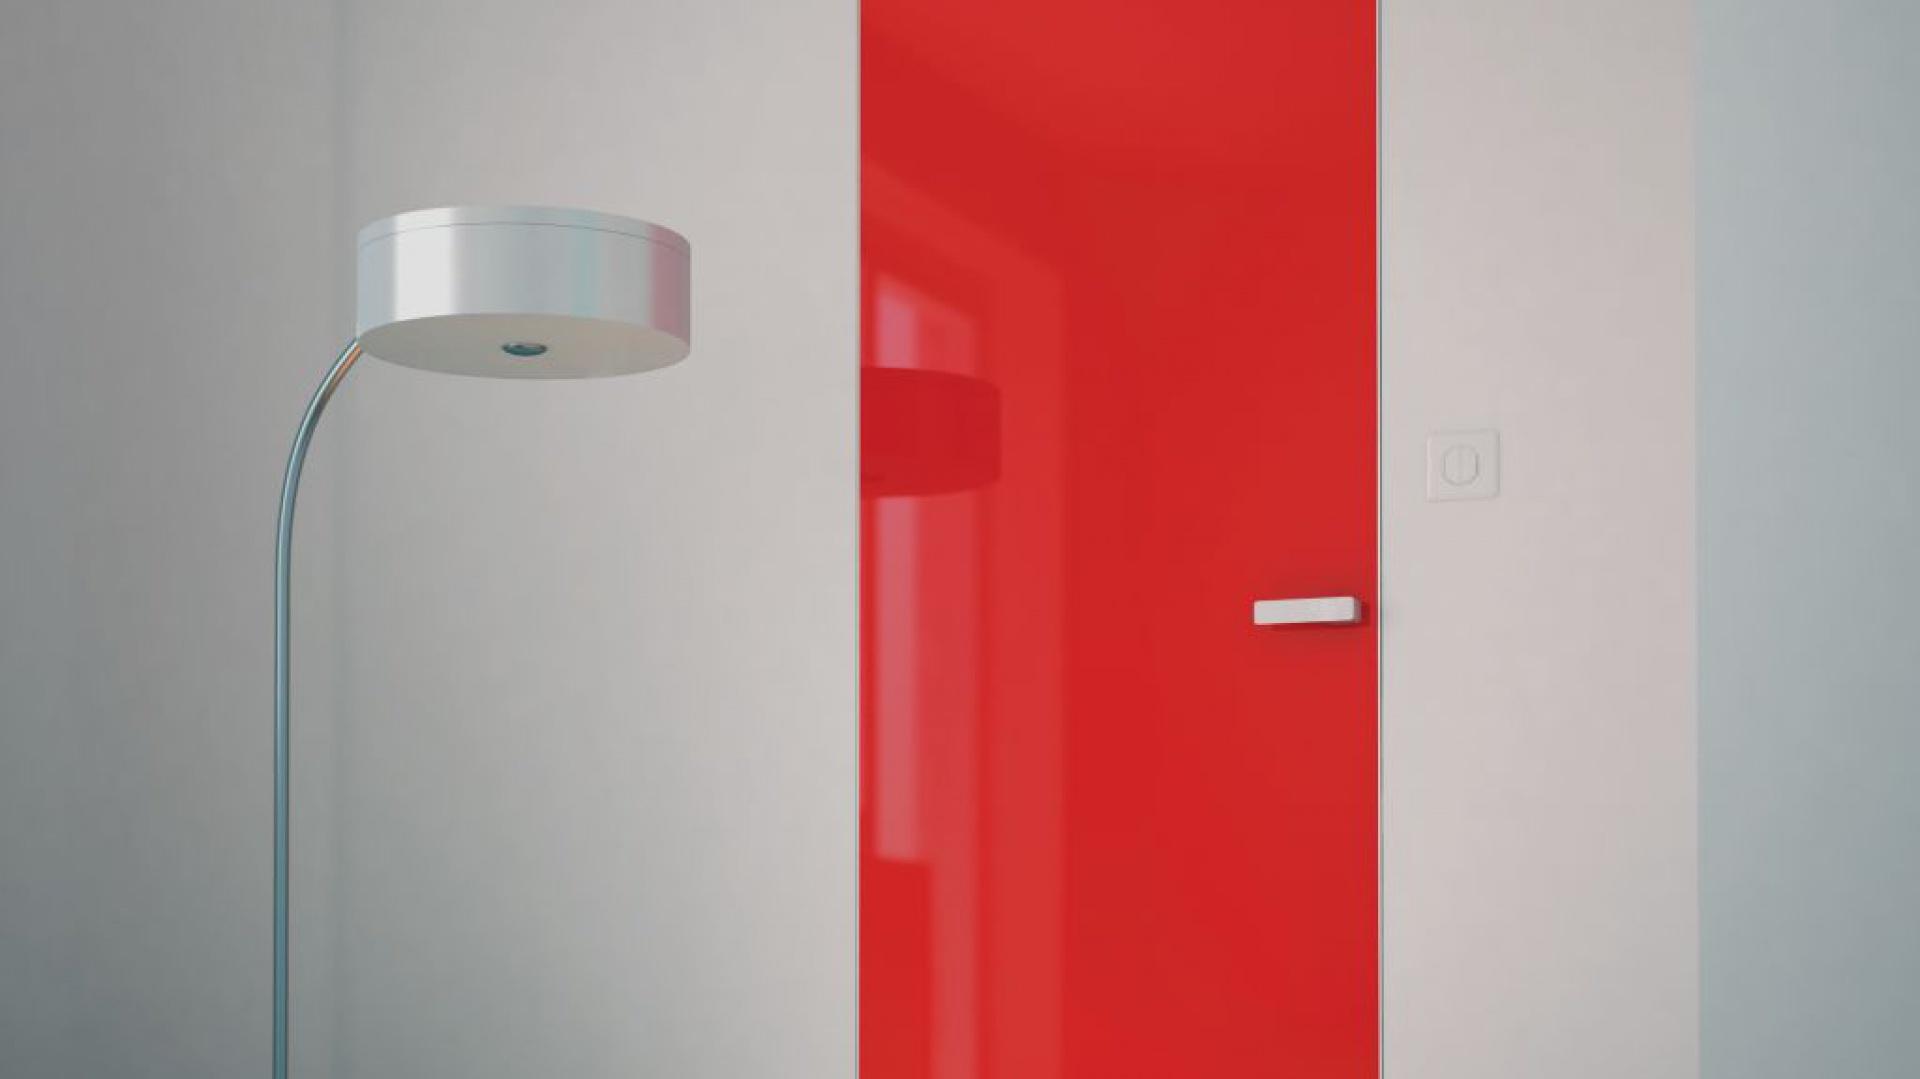 Drzwi lacobel style piu konkurs dobry design 2014 for Decor hotel sp z o o